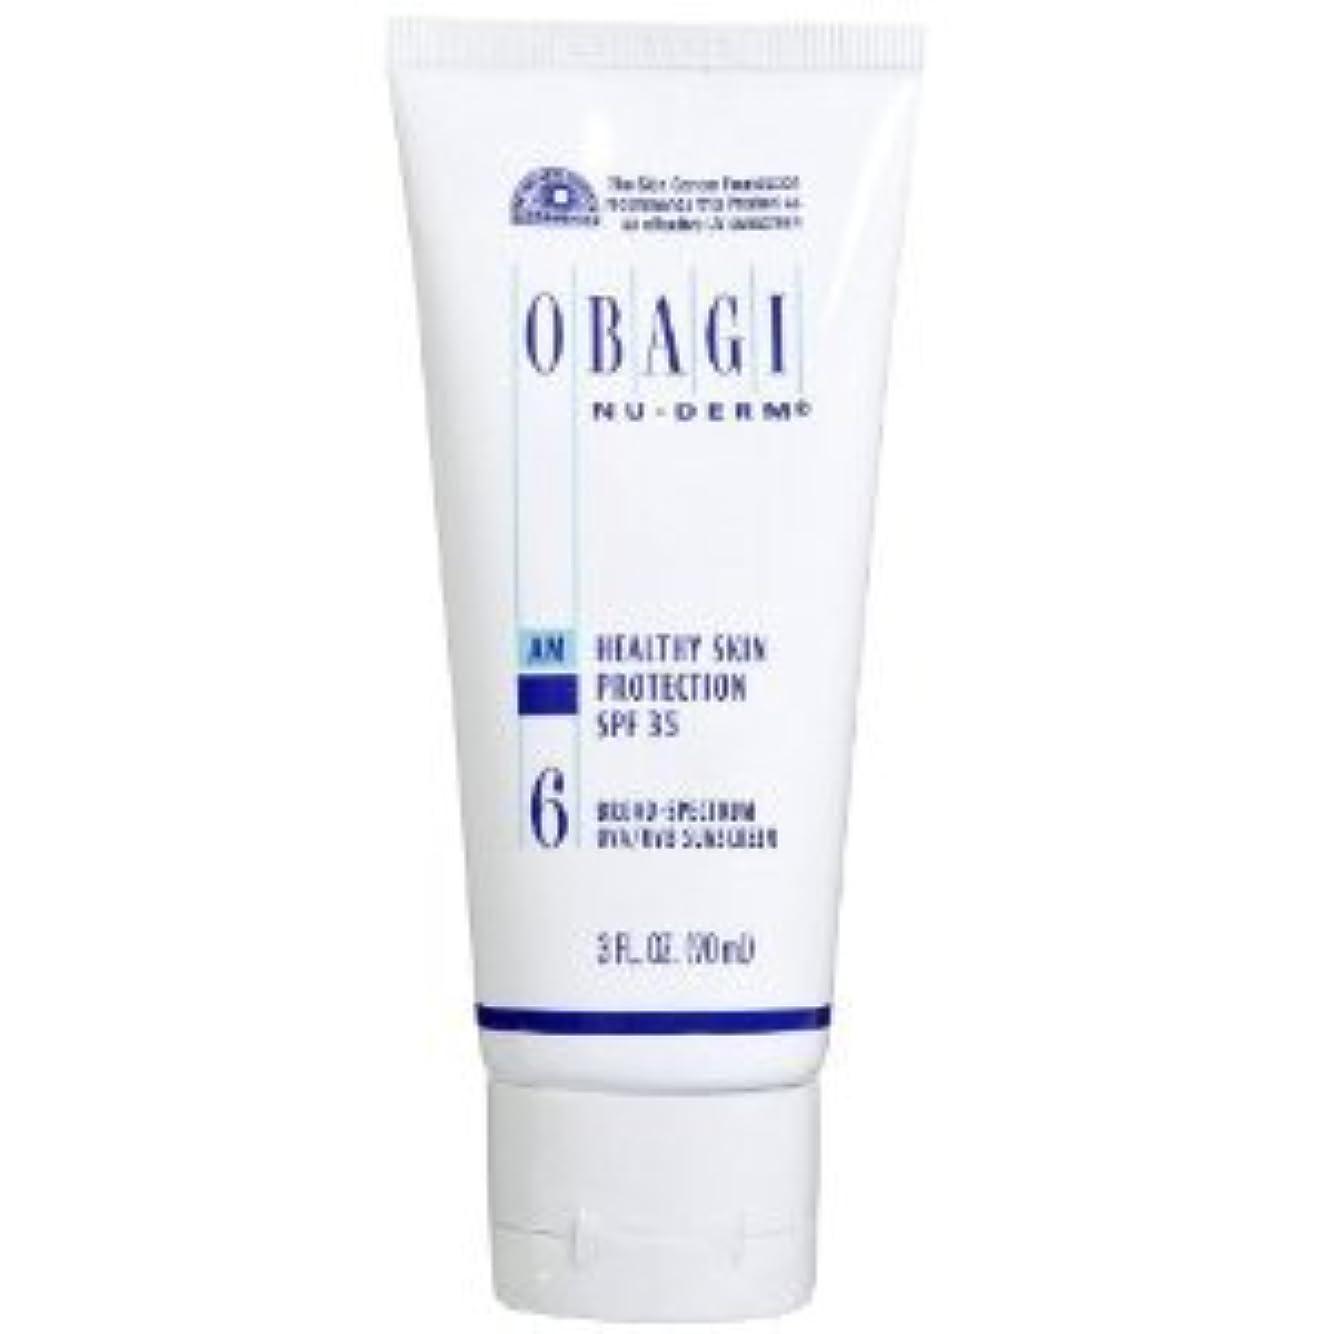 オバジ ニューダーム スキンプロテクション サンスクリーン(SPF35) Obagi Nu-Derm Healthy Skin Protection SPF 35 Sunscreens